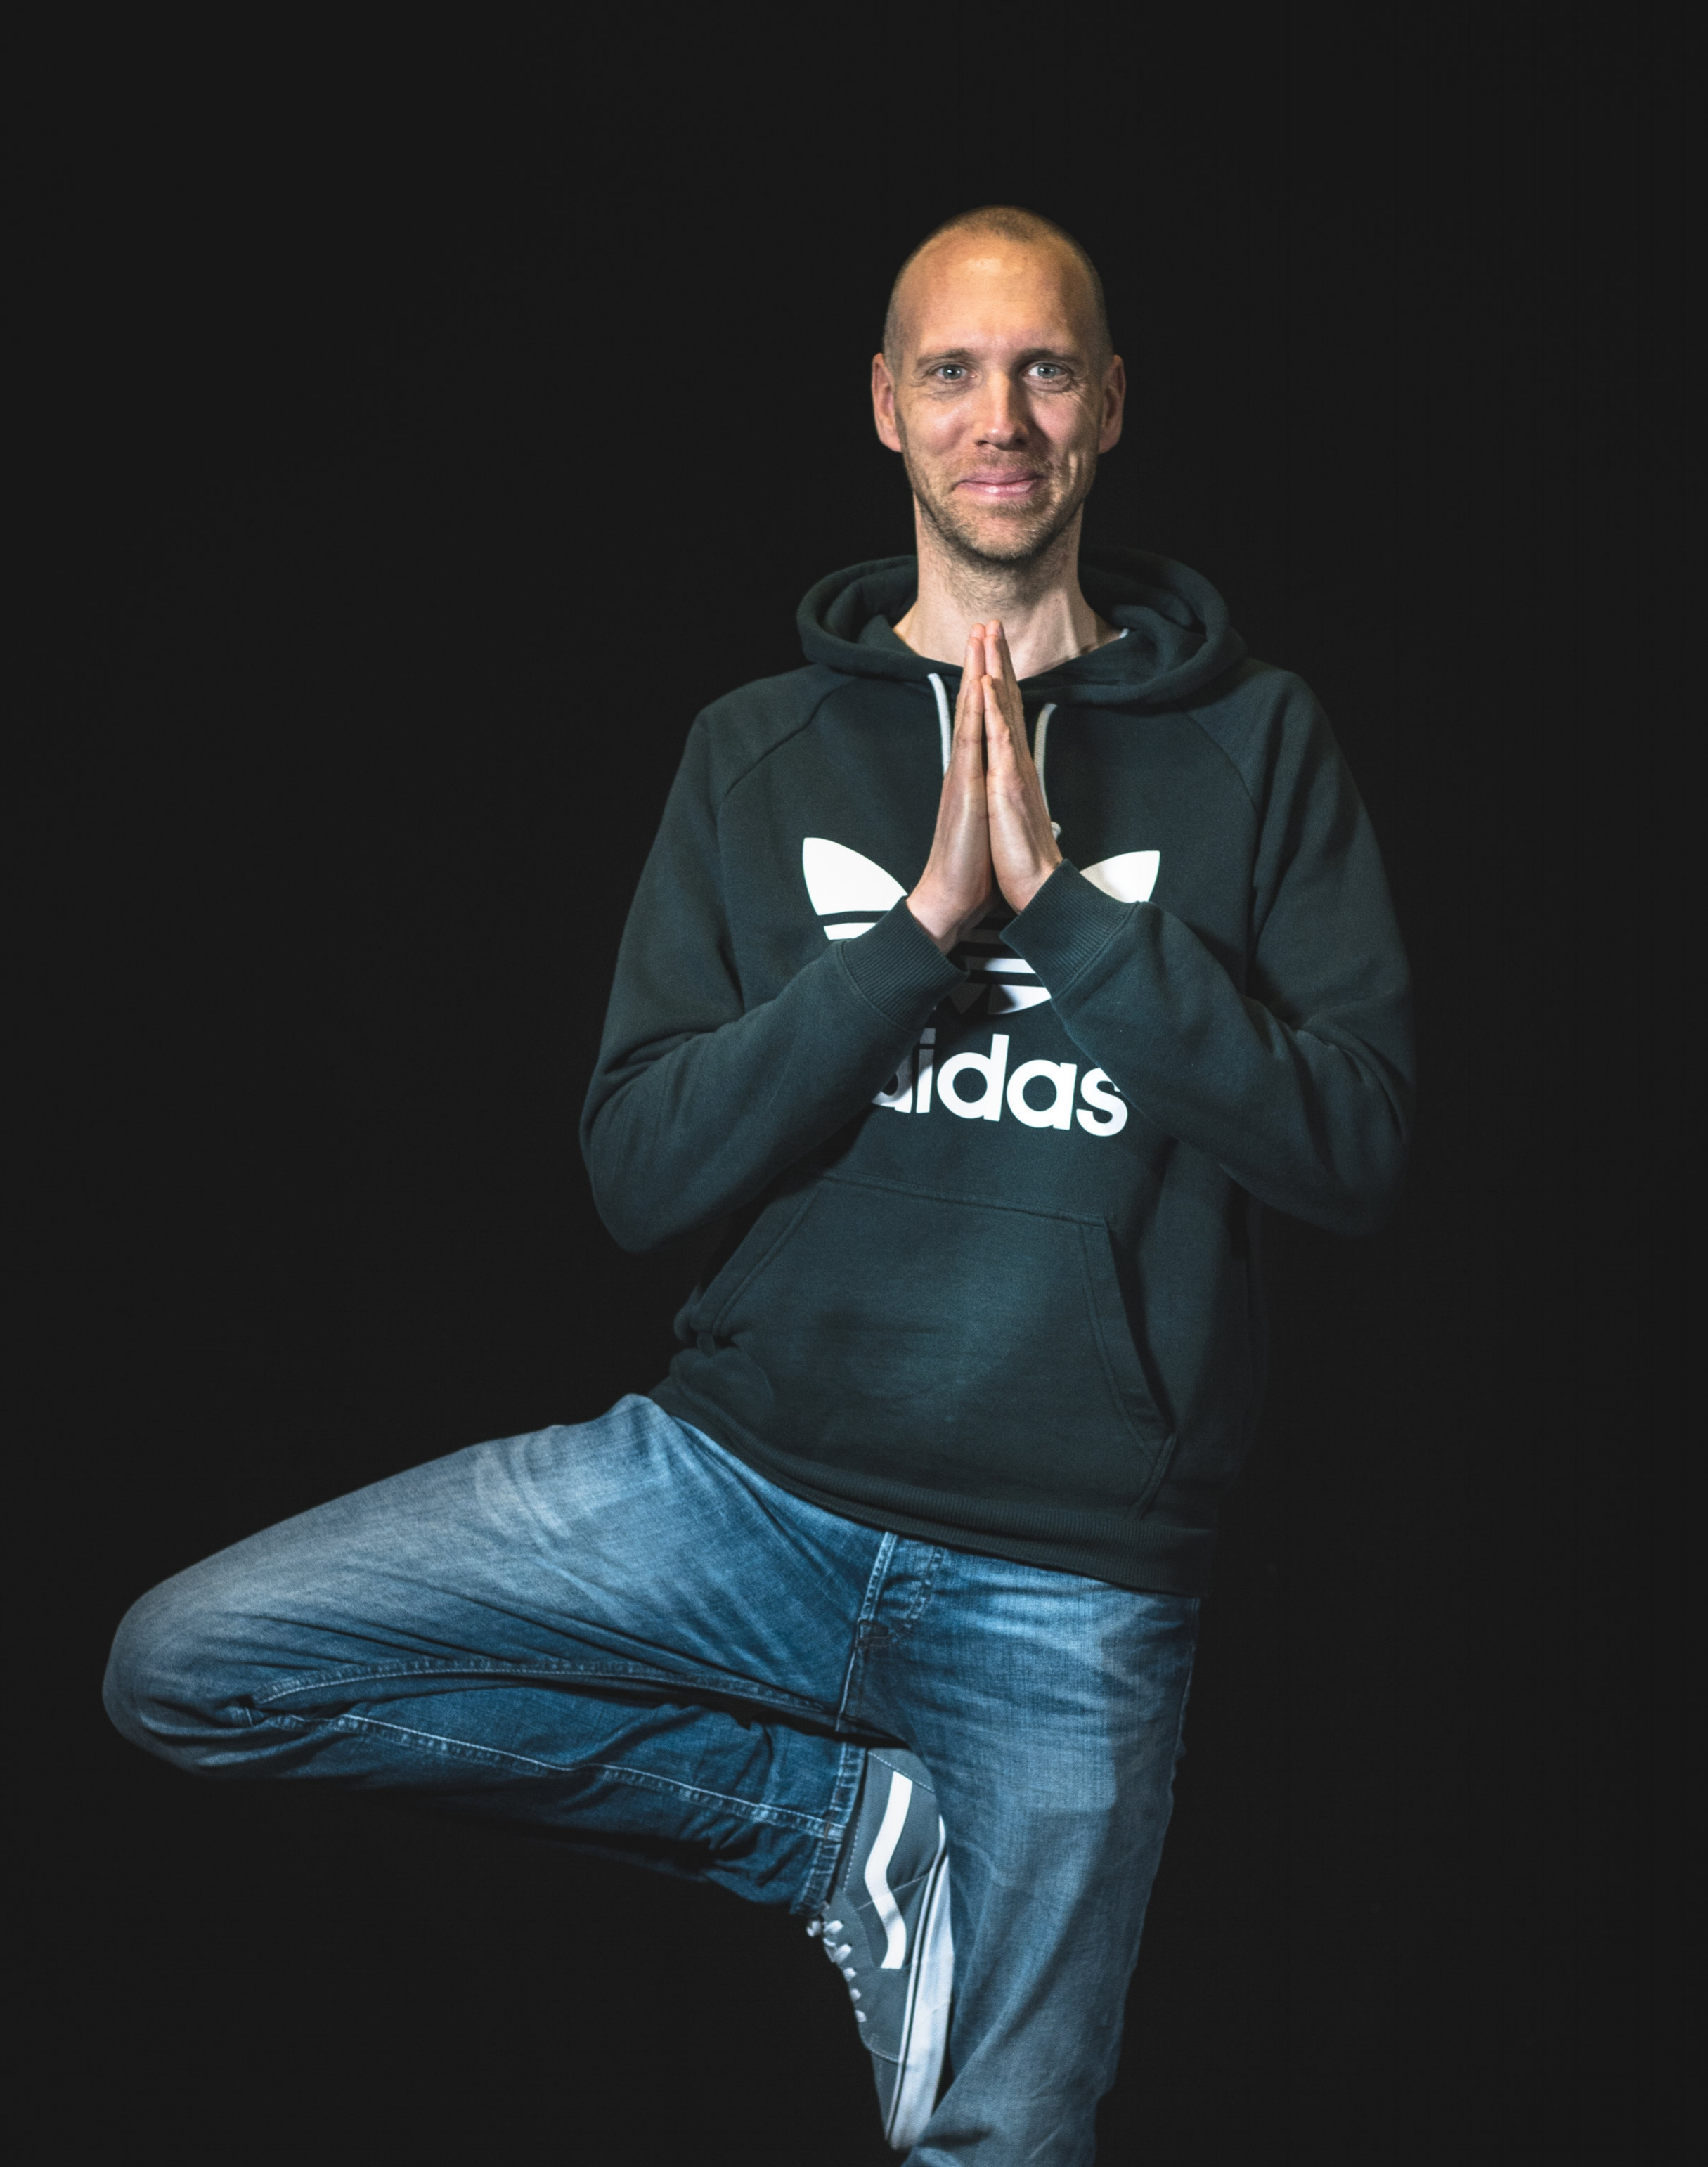 Rohan te Wierik   Omdat ik - eenmaal afgestudeerd en met een fulltime baan in de media - sporten in de sportschool niet leuk vond en niet meer kon hardlopen door een knieblessure, ben ik acht jaar geleden aan yoga gaan doen. Al oefenend kwam ik erachter dat yoga voor mij niet alleen de manier is om mijn lichaam leniger te maken en mijn gedachten tot rust te brengen, maar ook dat ik er veel plezier in had. Daarom ben ik de opleiding tot kinderyoga docent gaan doen bij de Jip en Jan opleidingen. Daarnaast volgde ik trainingen in mindfulness en zelfcompassie. Wat ik in deze trainingen geleerd heb neem ik mee in mijn yogalessen.  Kinderen hebben al vroeg last van prikkels, drukte en keuzestress. Yoga helpt kinderen omdat het ze leert naar hun lichaam te luisteren zonder dat er competitie in het spel is. Zo leren ze hun eigen grenzen herkennen en aangeven. Dat helpt ze in het dagelijks leven. Ze hoeven niet de beste te zijn, ze mogen bij yoga helemaal zichzelf zijn.